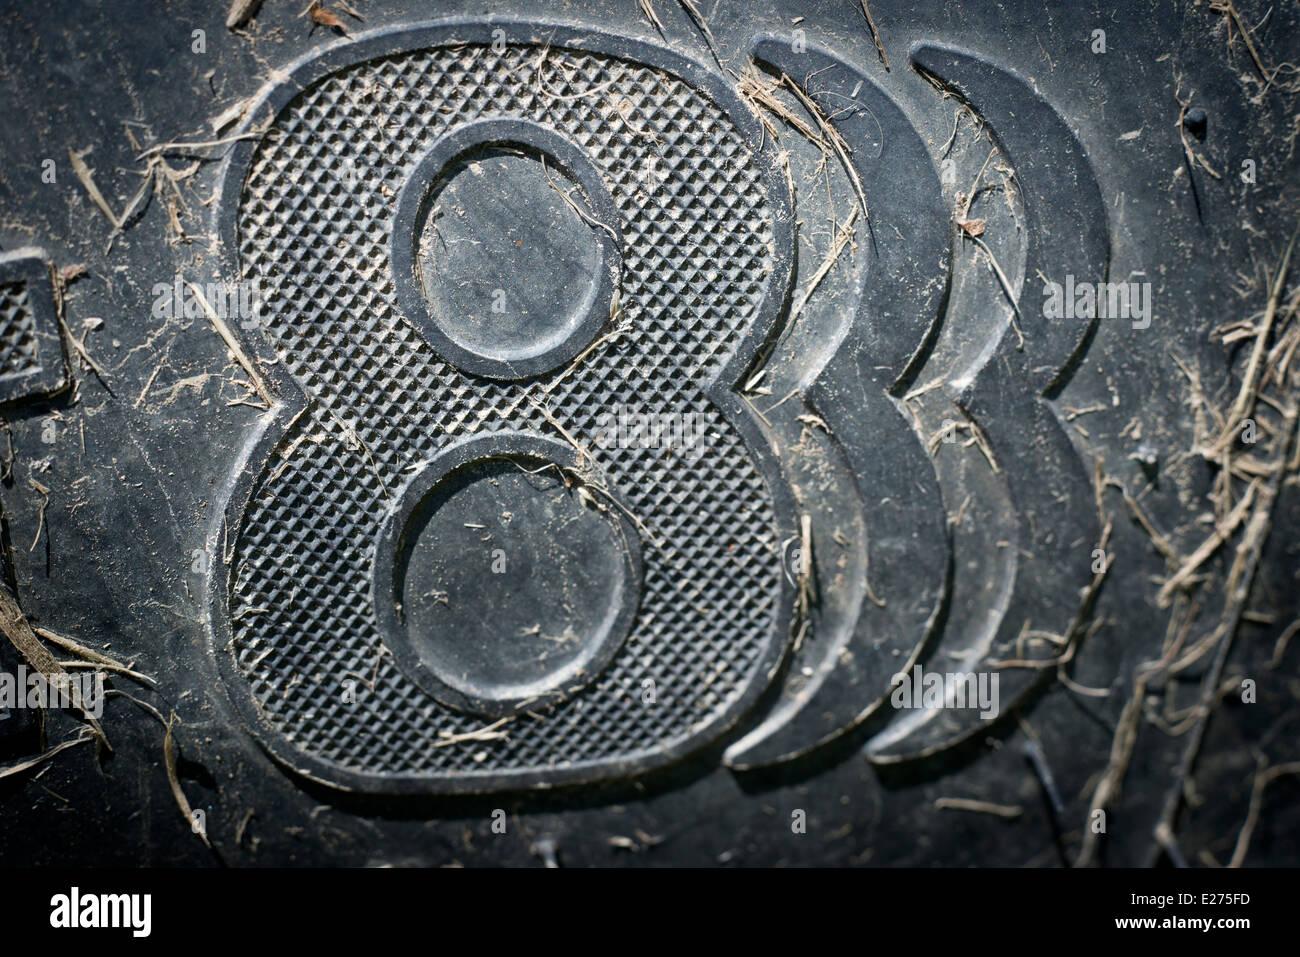 888 Glückssymbol auf einem Traktor-Reifen. Stockbild